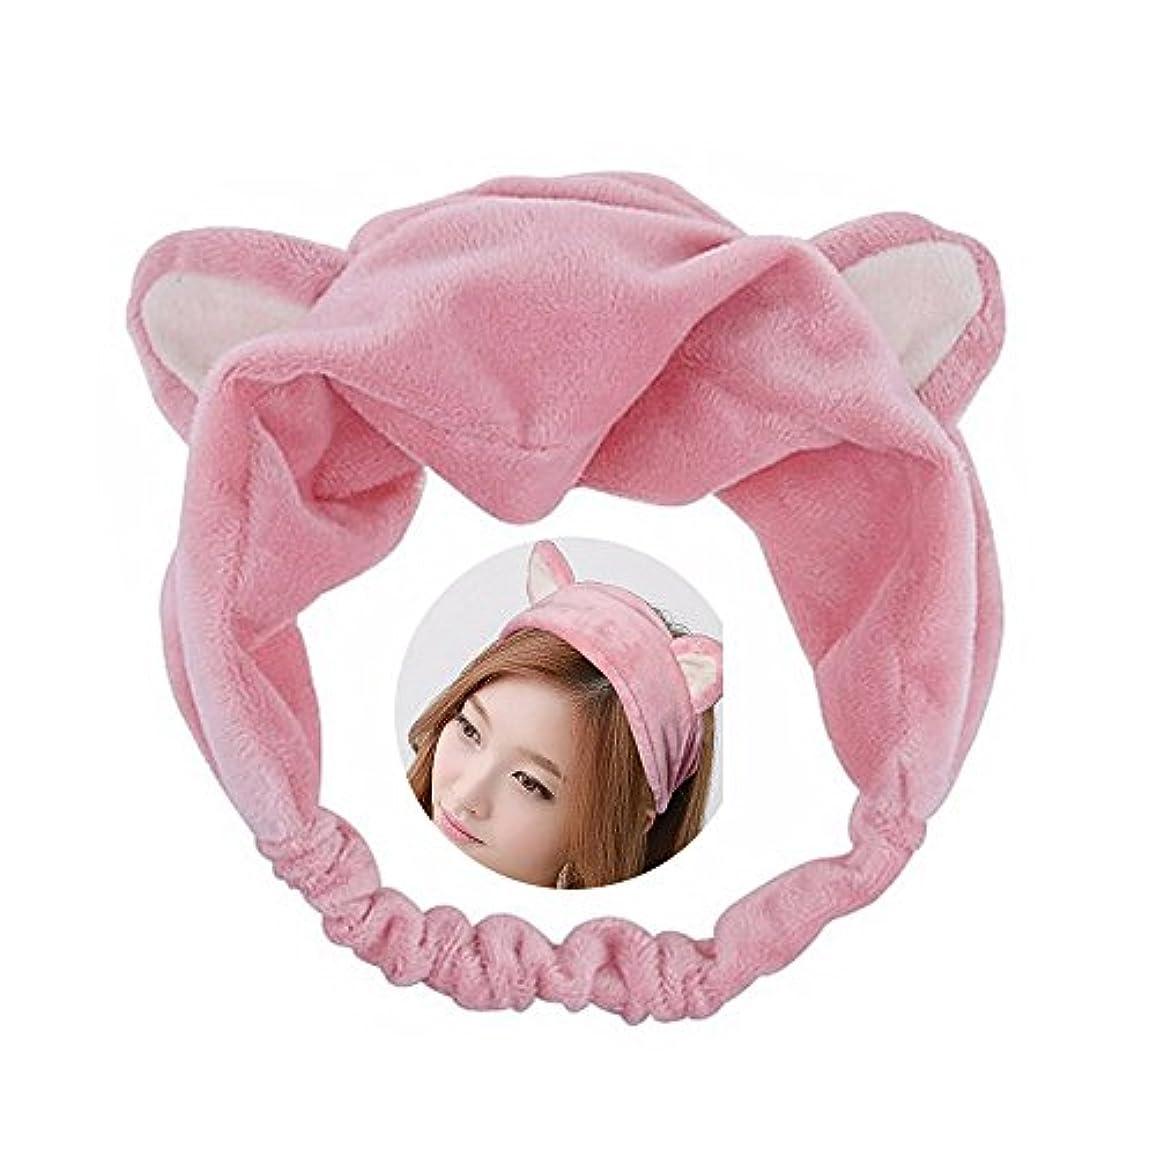 ピクニックをするポーン吹雪可愛い 猫 耳 ヘアバンド メイク アップ フェイス マスク スポーツ カチューシャ 髪型 ピンク